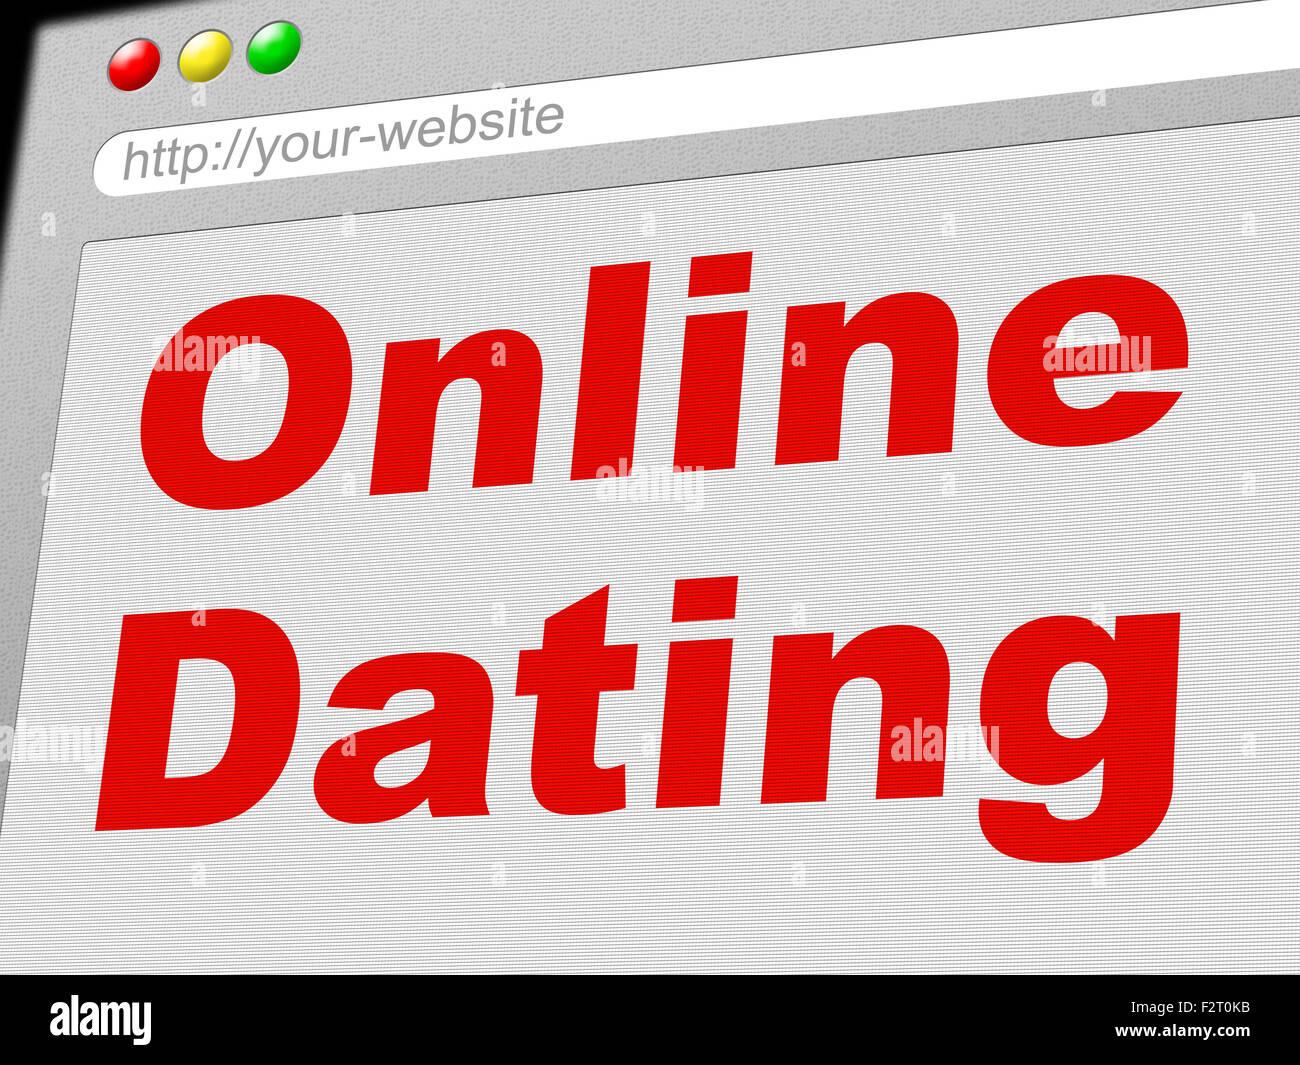 мировой веб знакомства